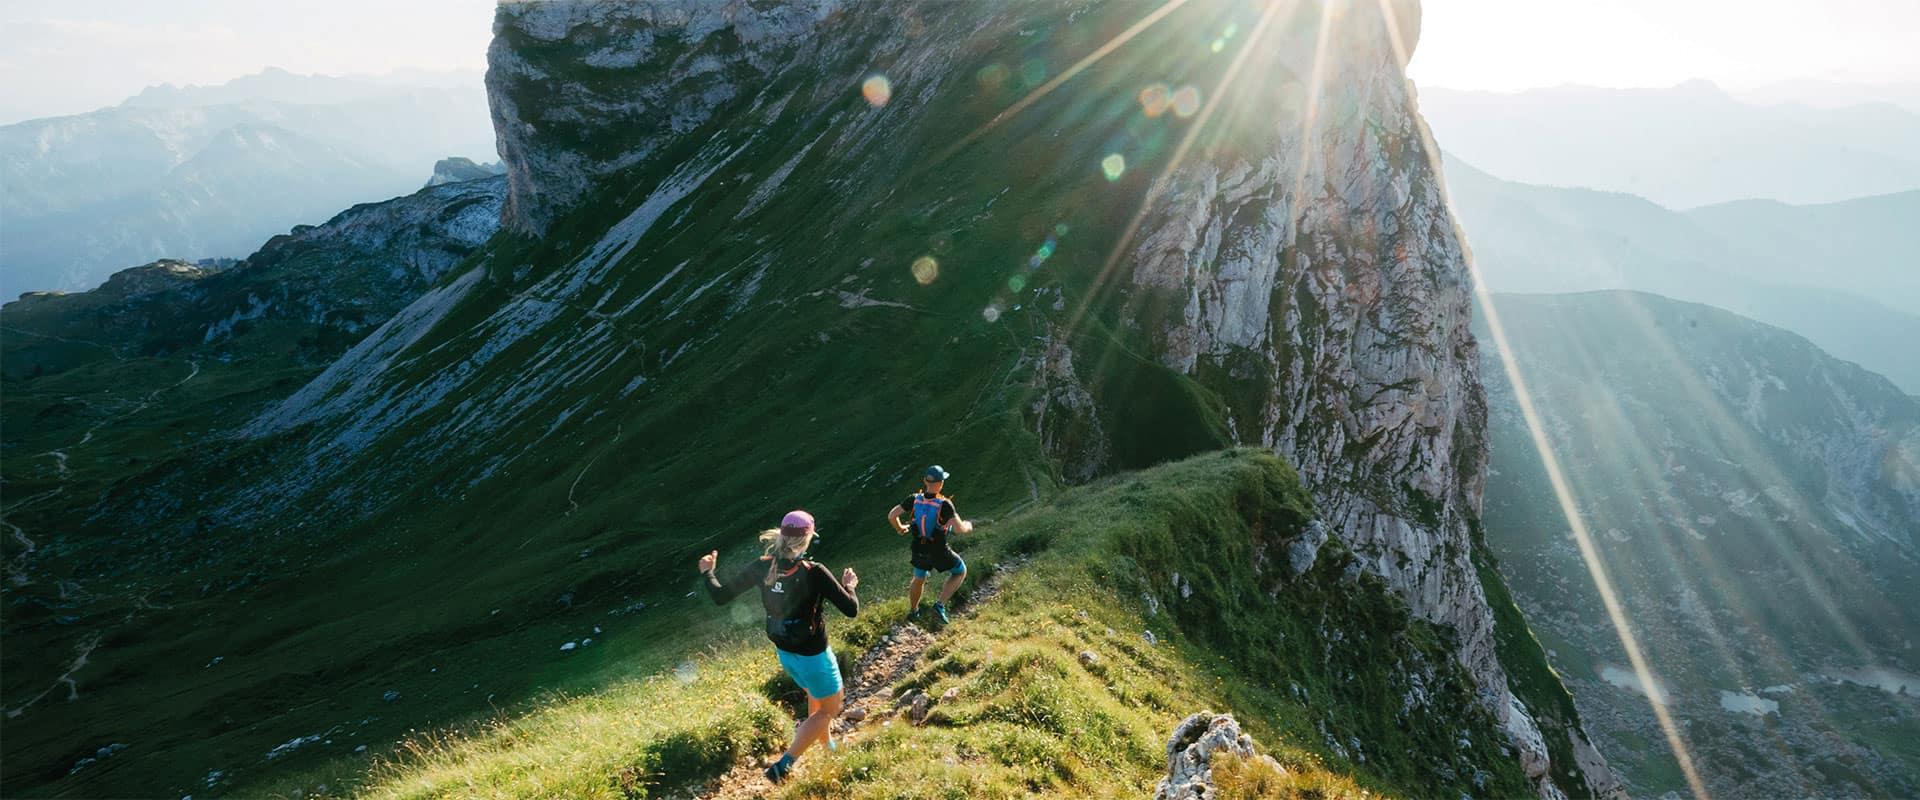 Slider_Florian_Reiter_Trailrunning_02